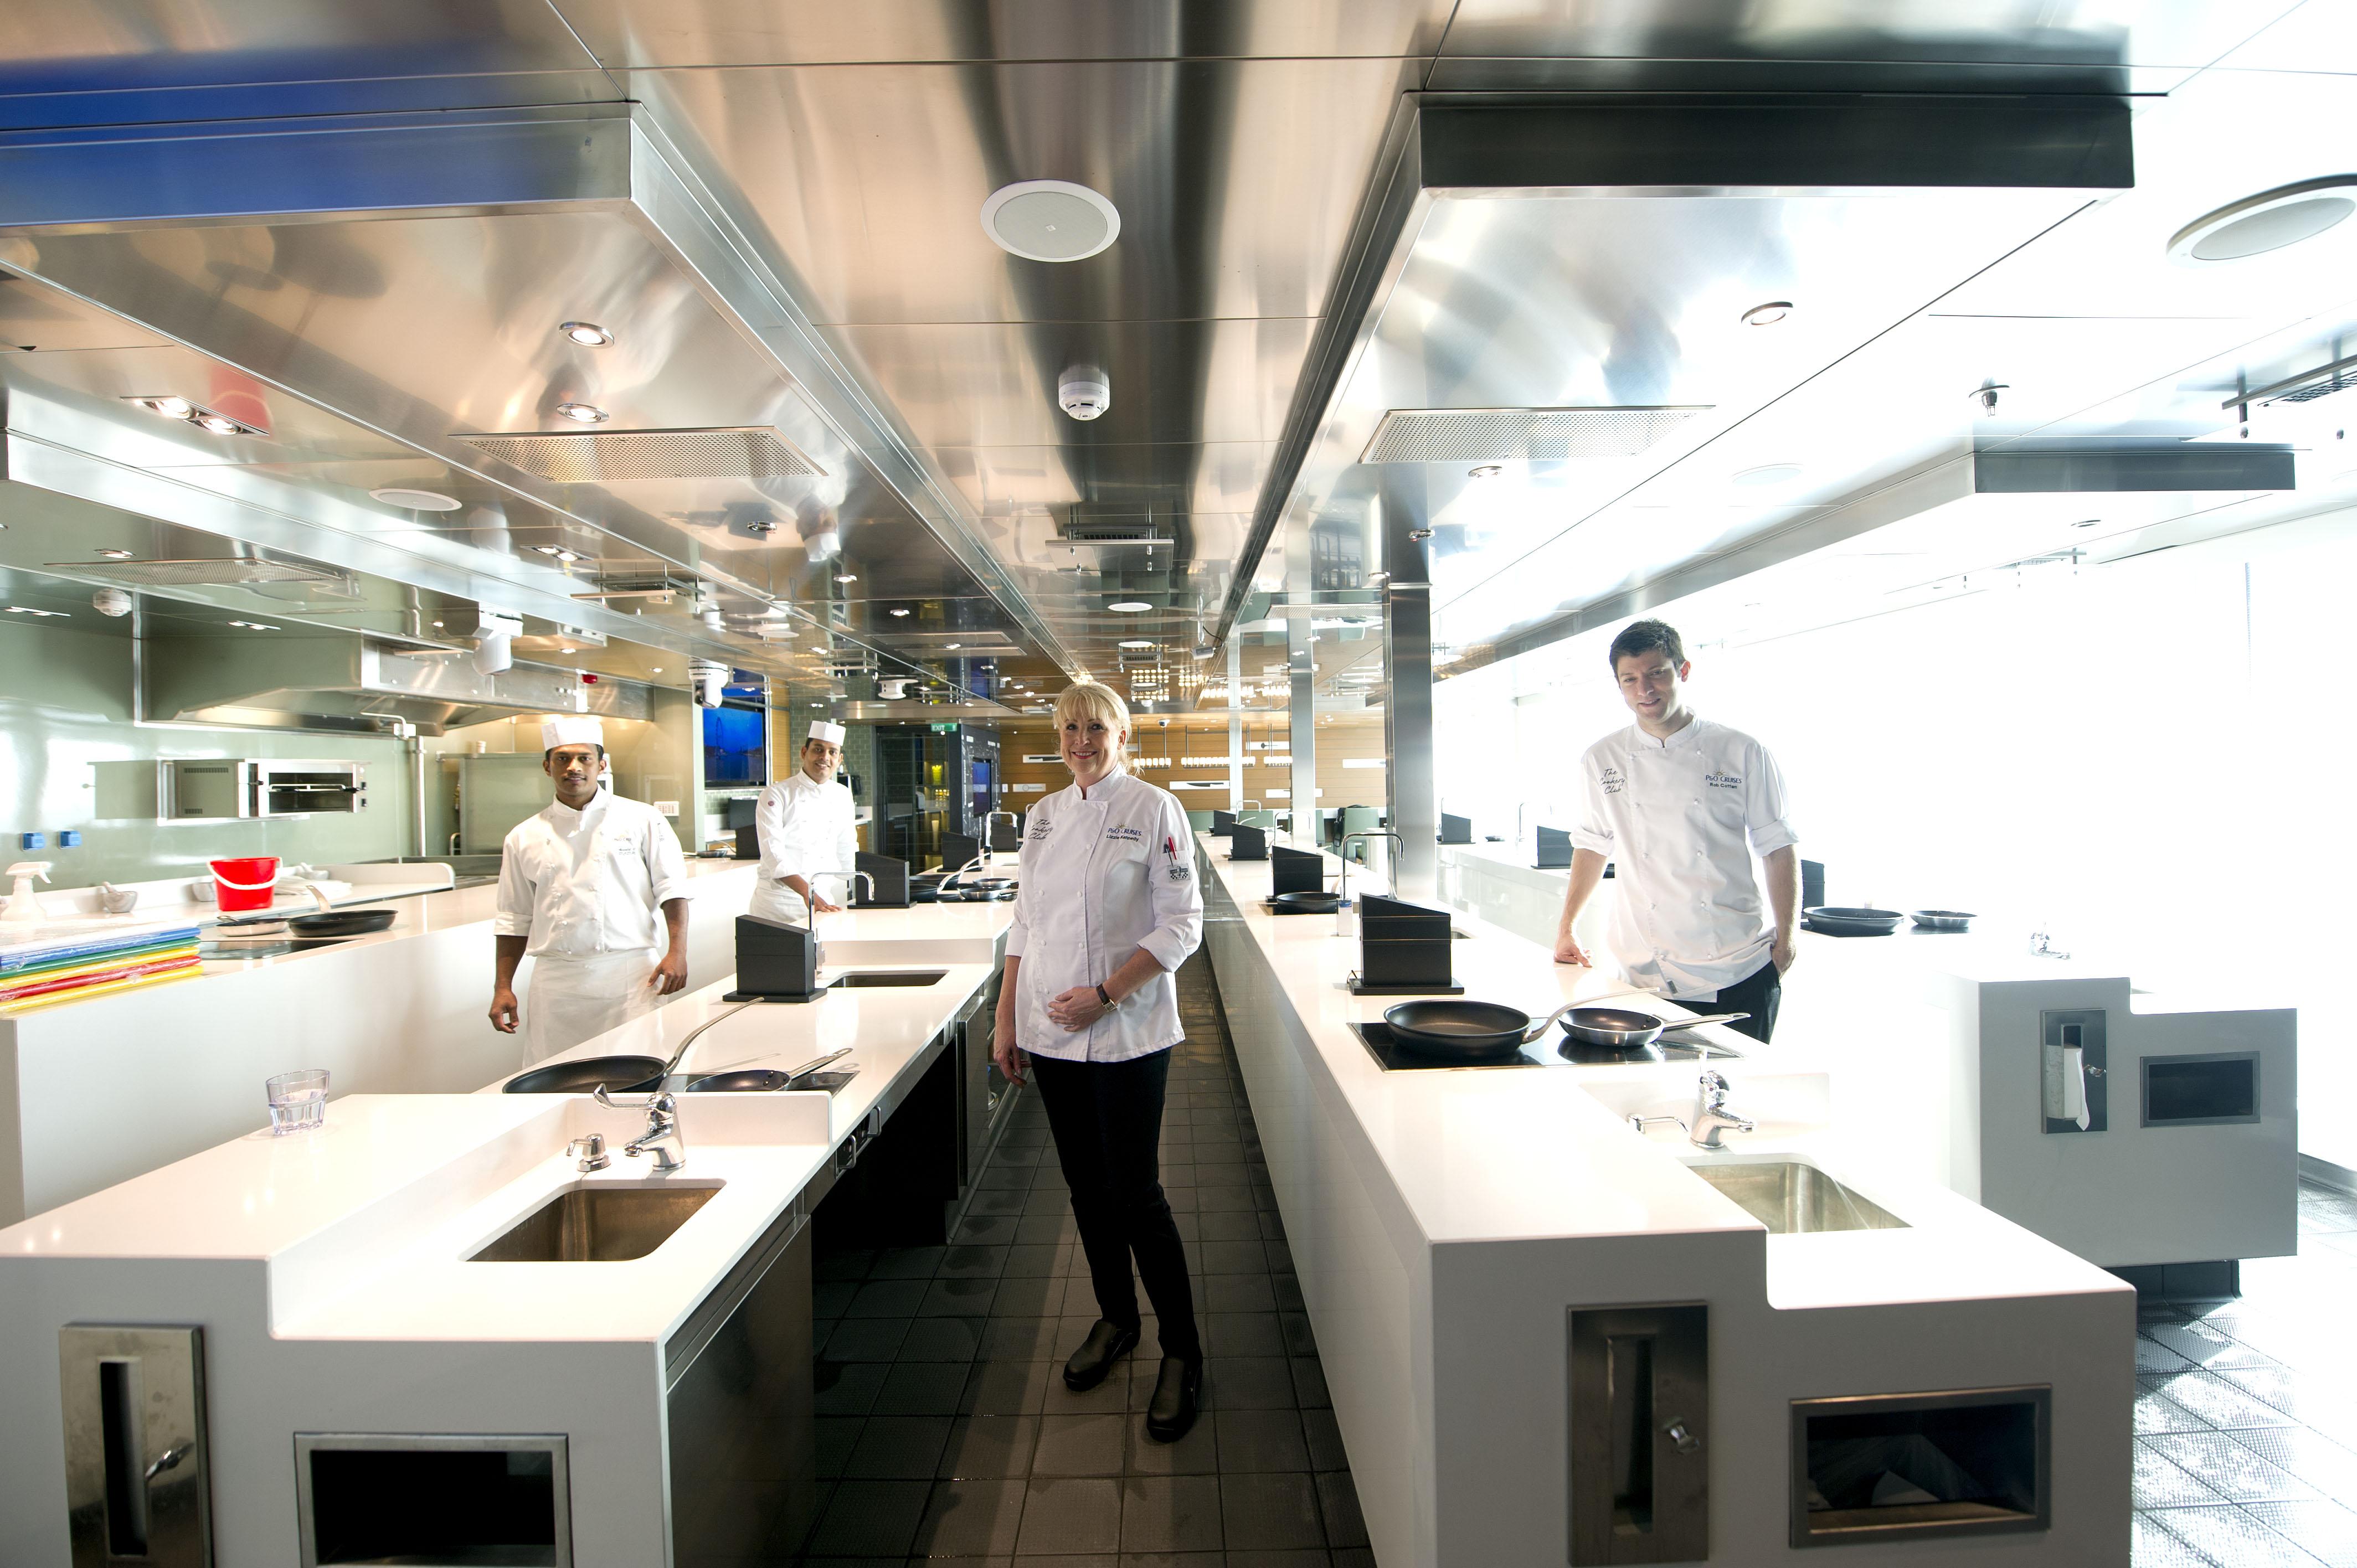 P&O Cruises Britannia Interior Cookery Club Team Ds38668 [Tif 14714595002].jpg